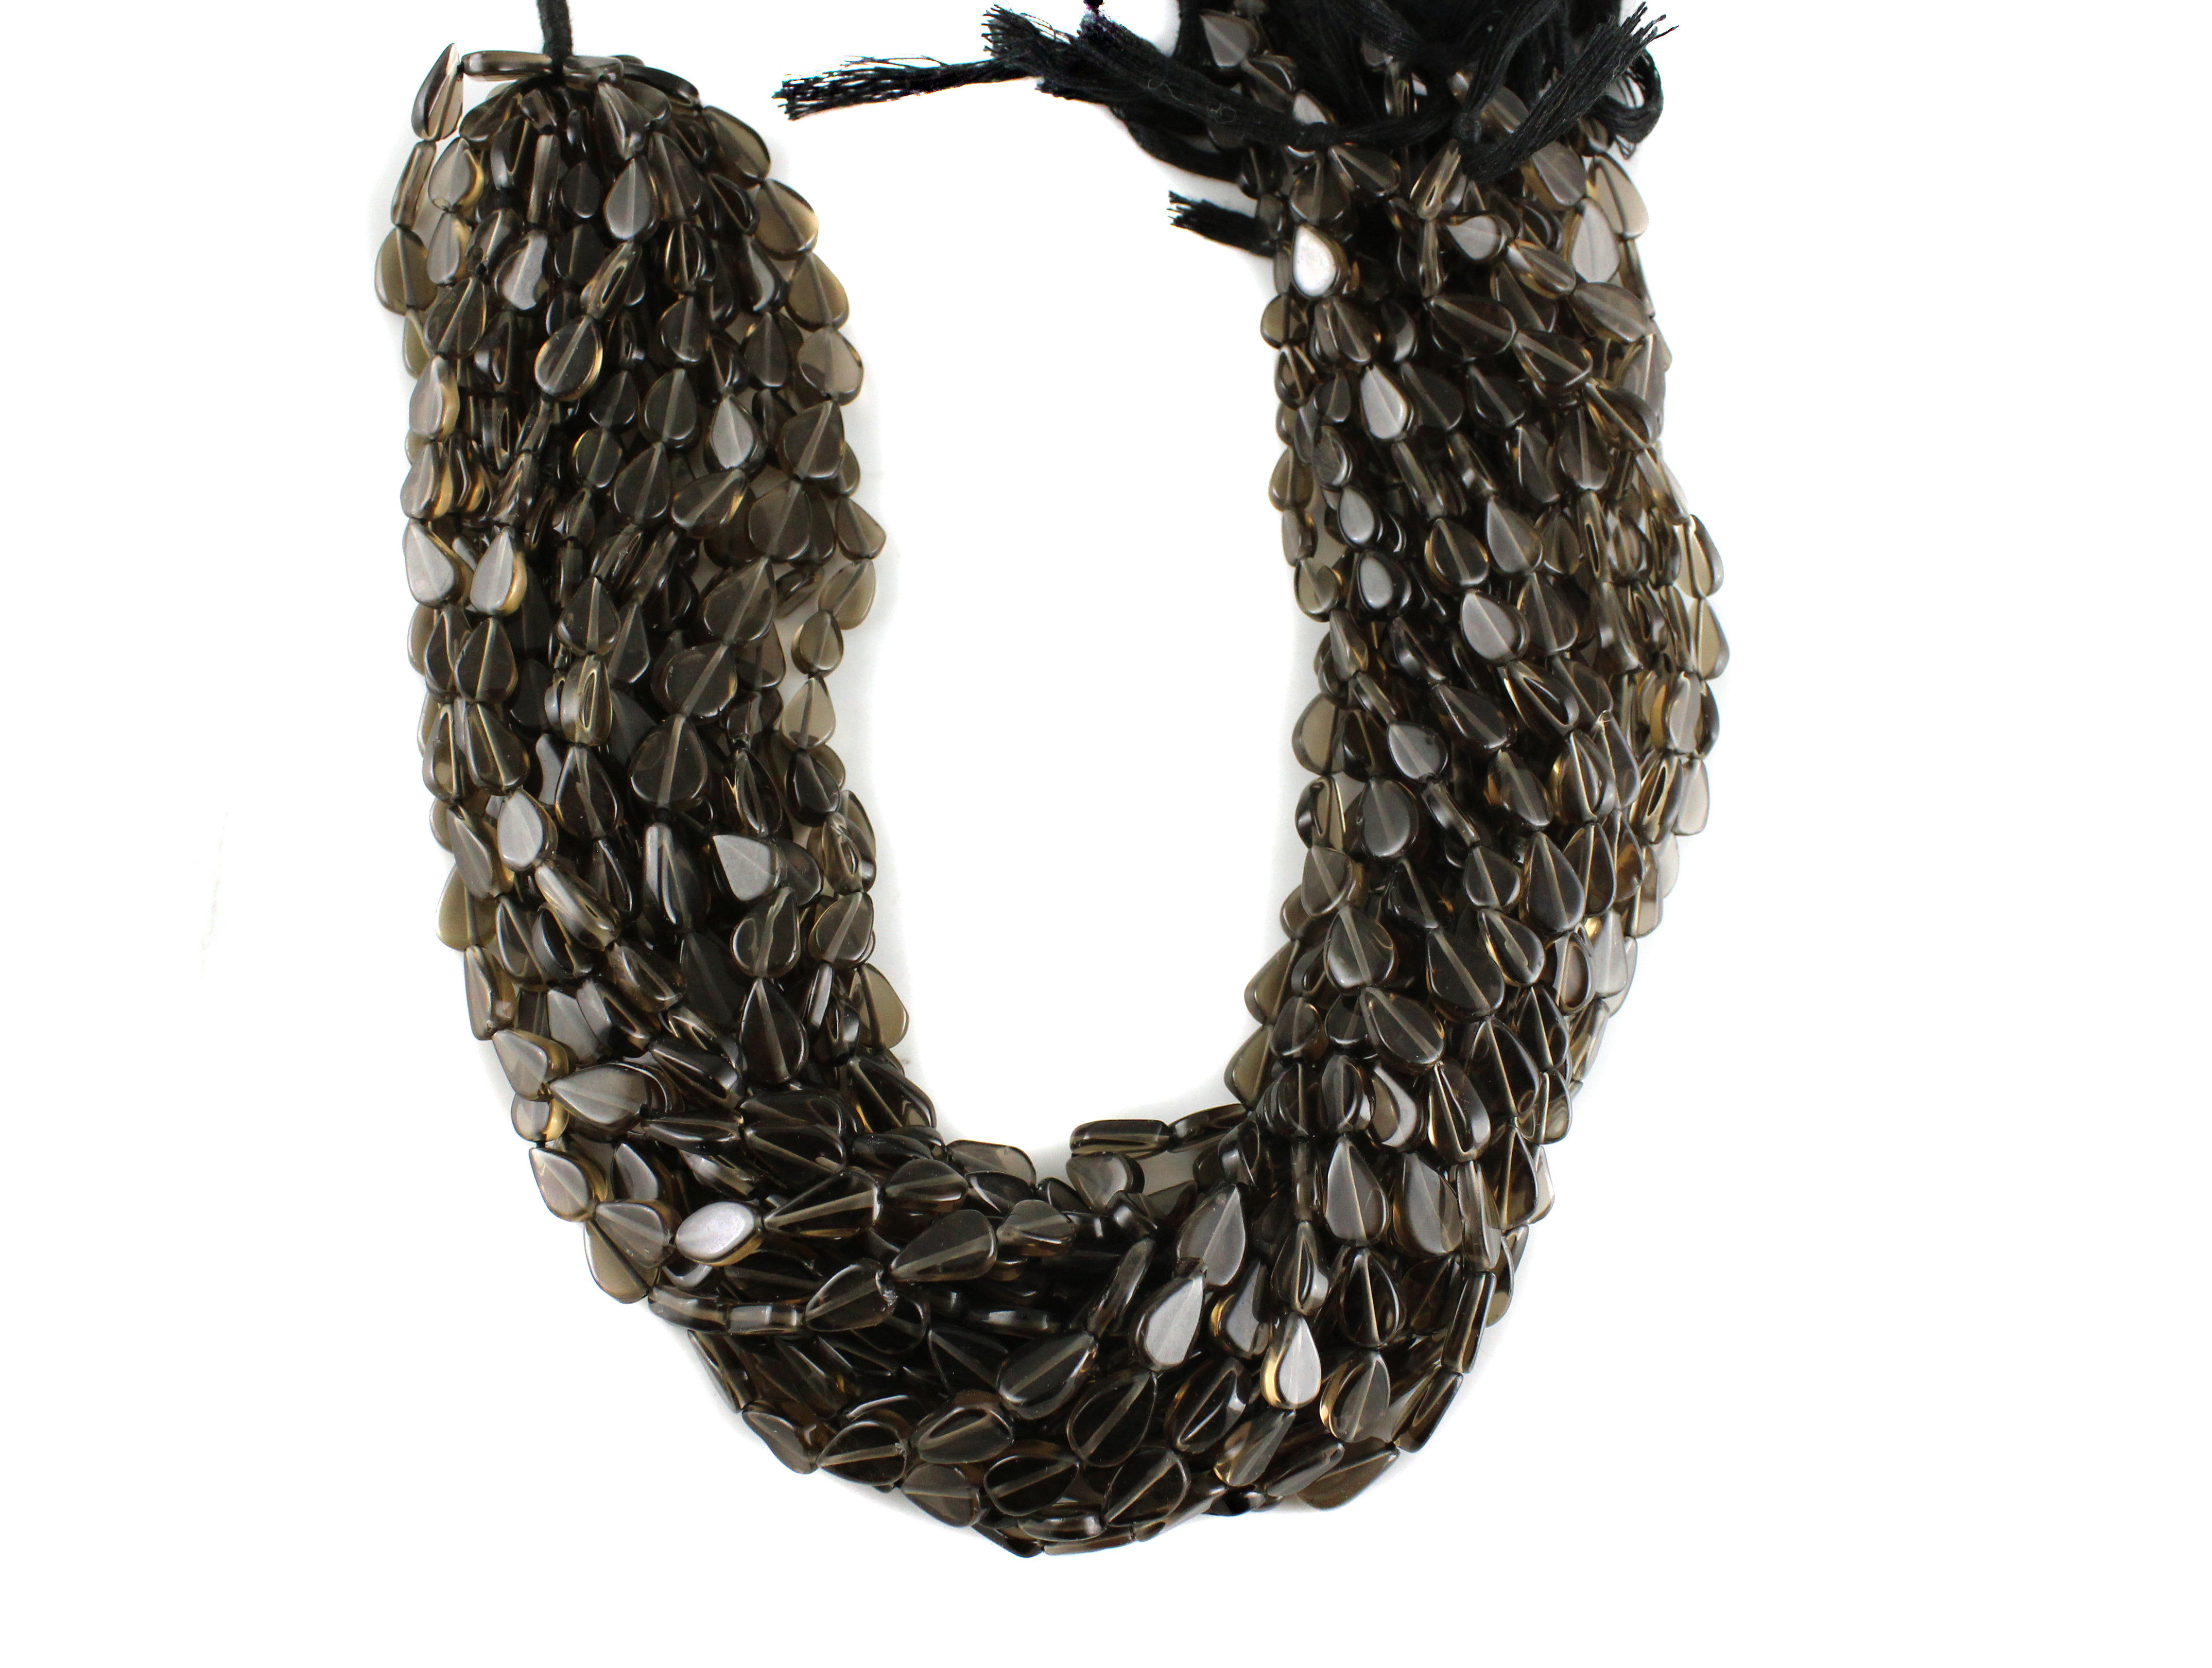 Smoky Quartz Pears Beads